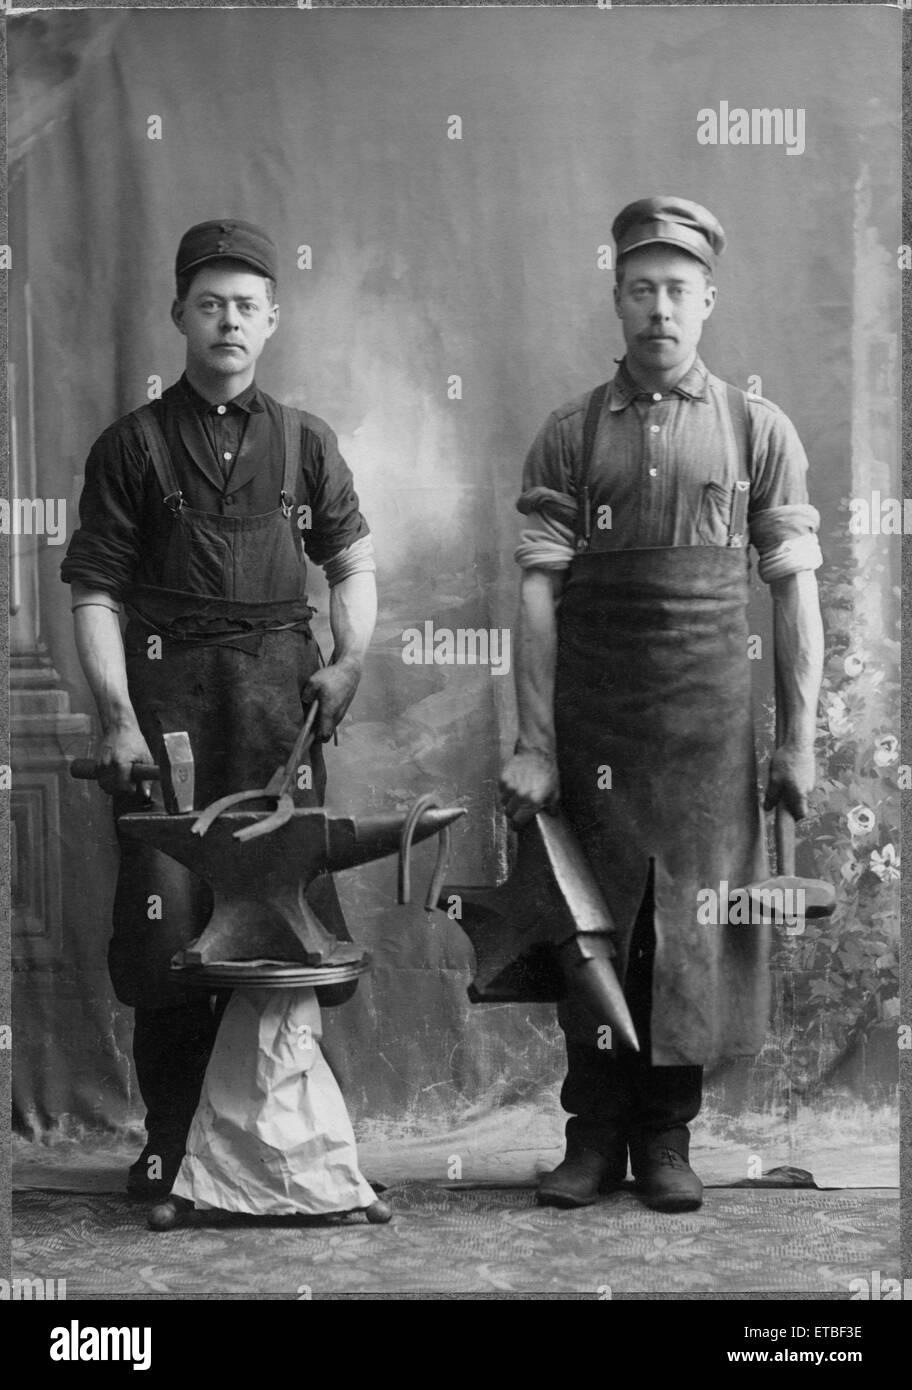 Two Blacksmiths, Portrait, circa 1900 - Stock Image